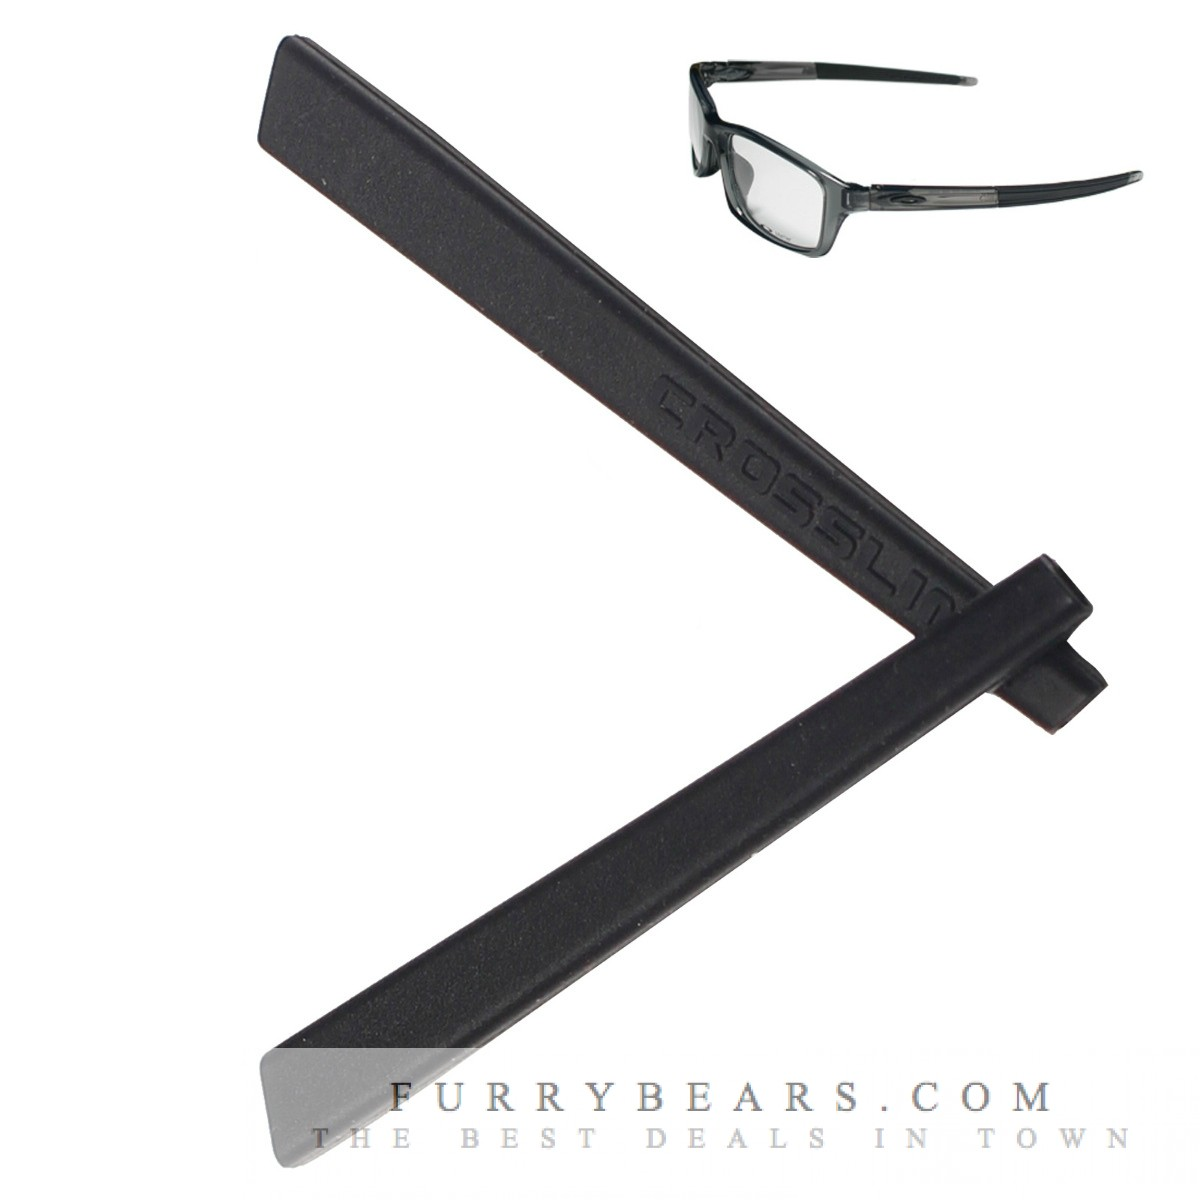 oakley glasses temple sleeves  oakley crosslink pitch black rubber